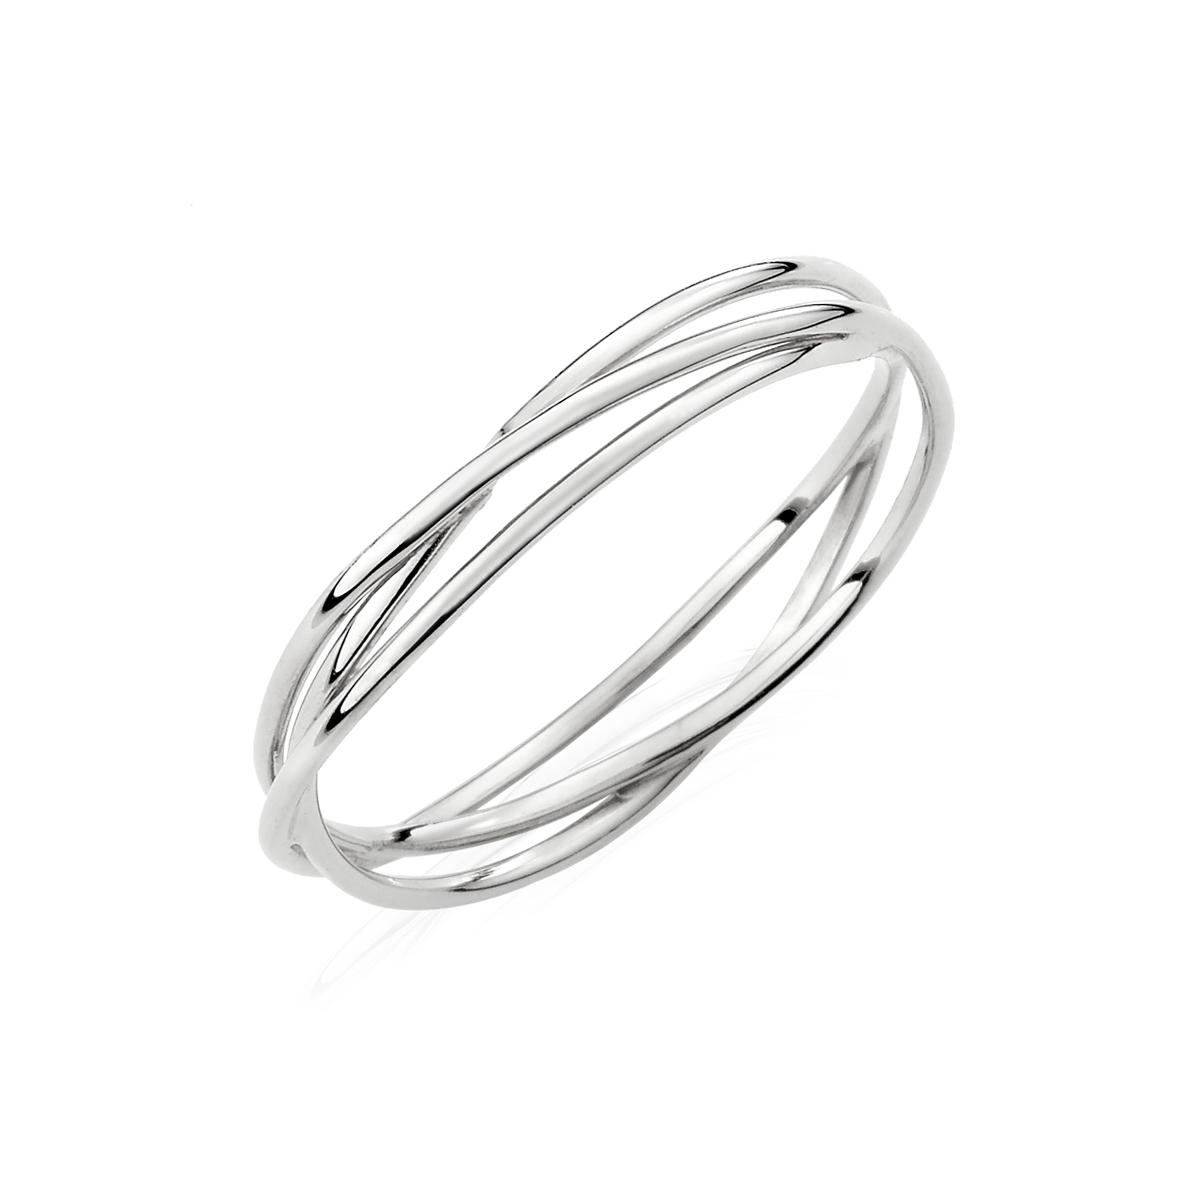 KSW179 簡約哲學-姊妹款專屬三環簡約戒指(原價990)特價891